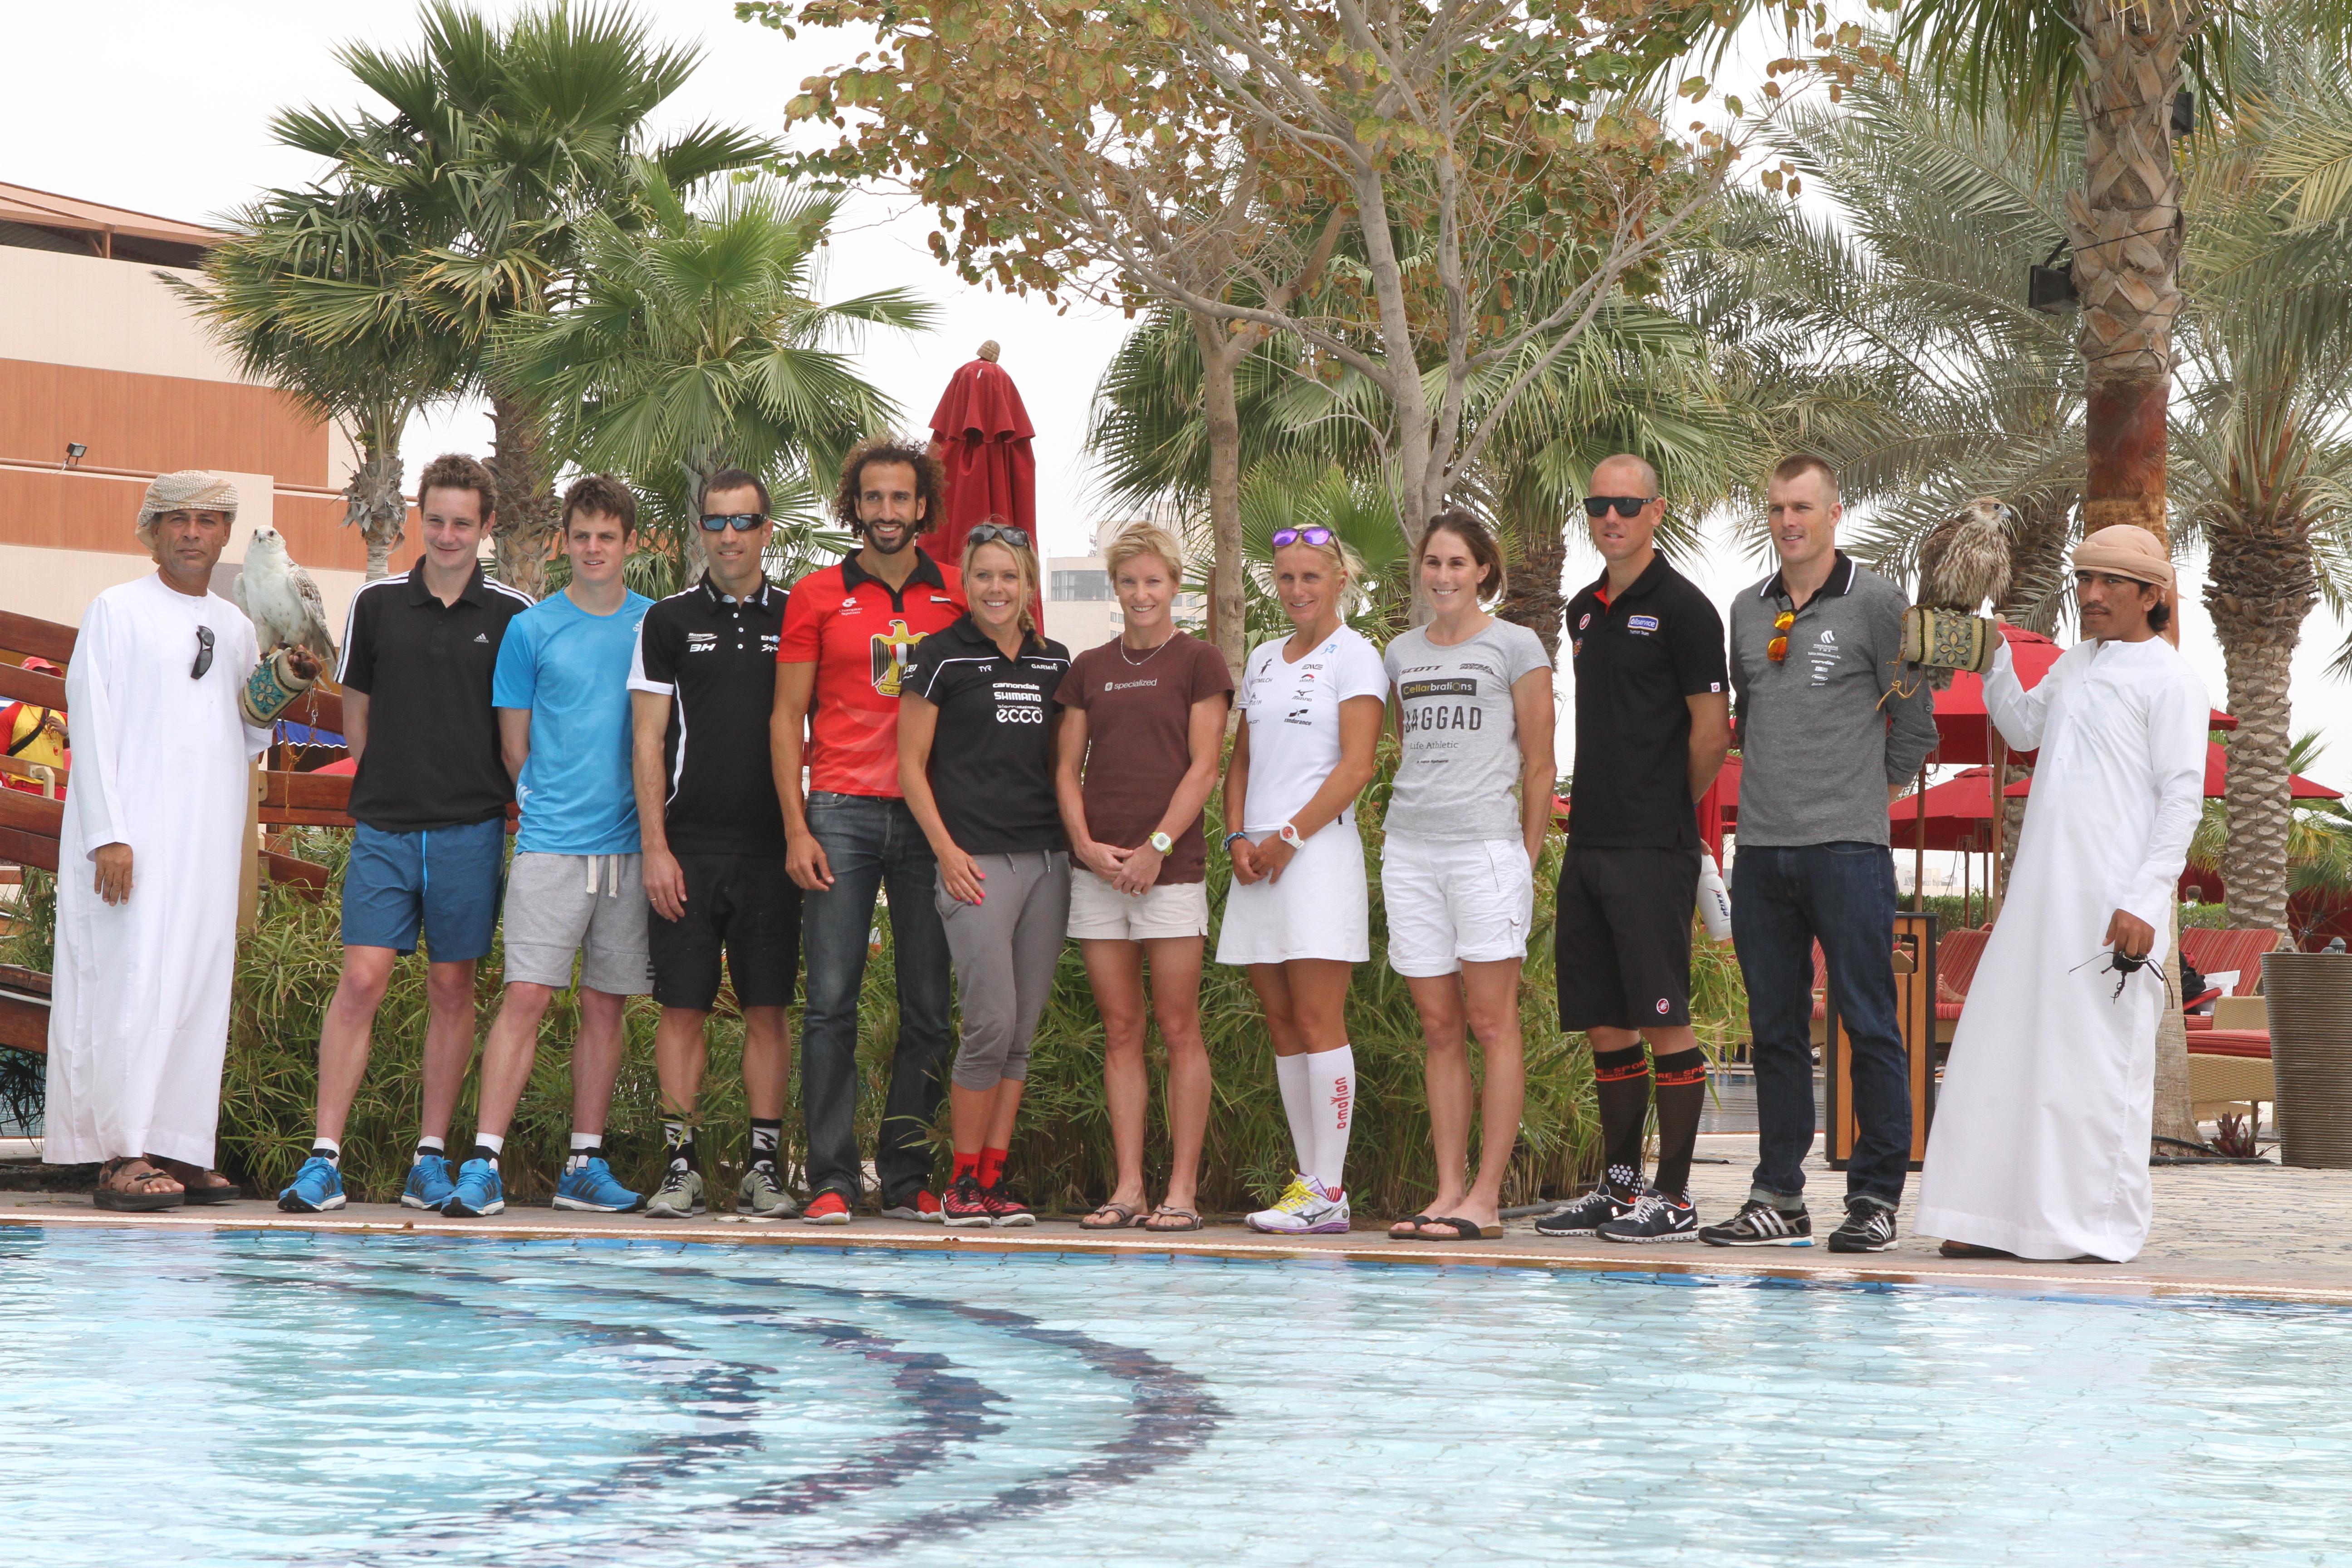 Suivez le LIVE du Triathlon International d'Abu Dhabi